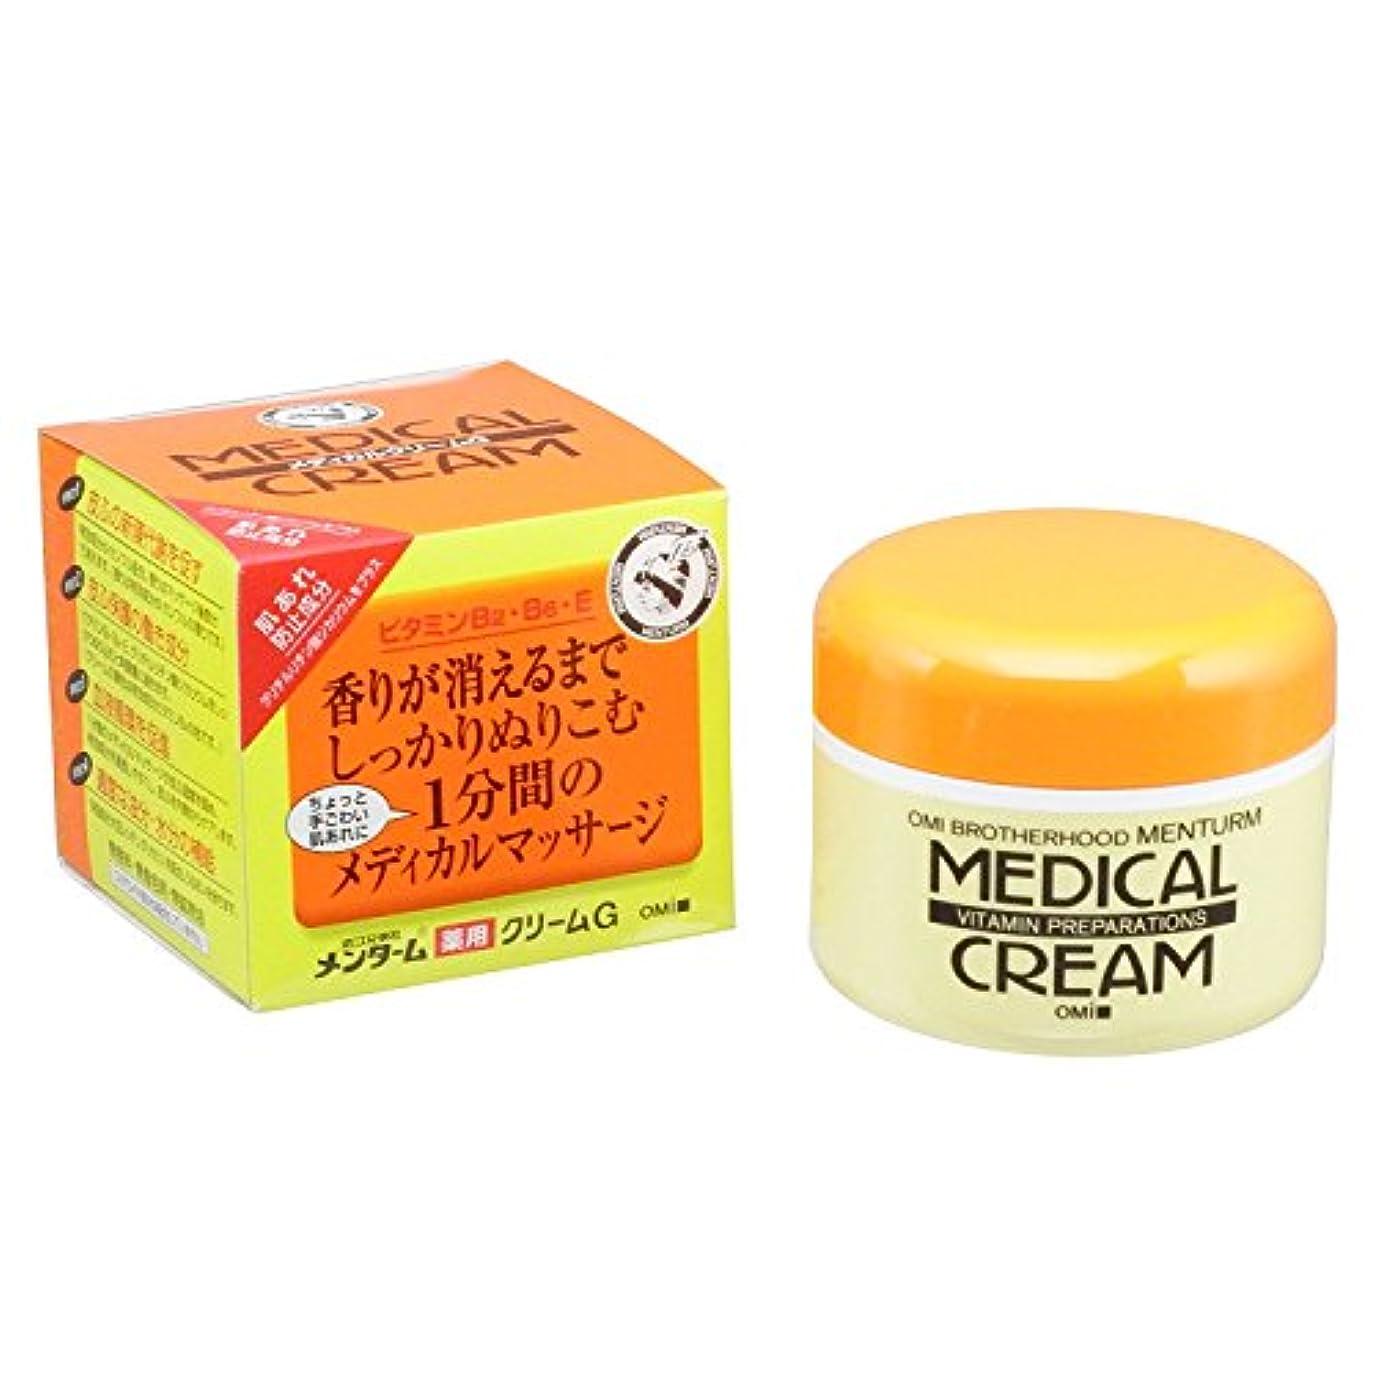 品うめき声苦しむメンターム薬用メディカルクリームG145g